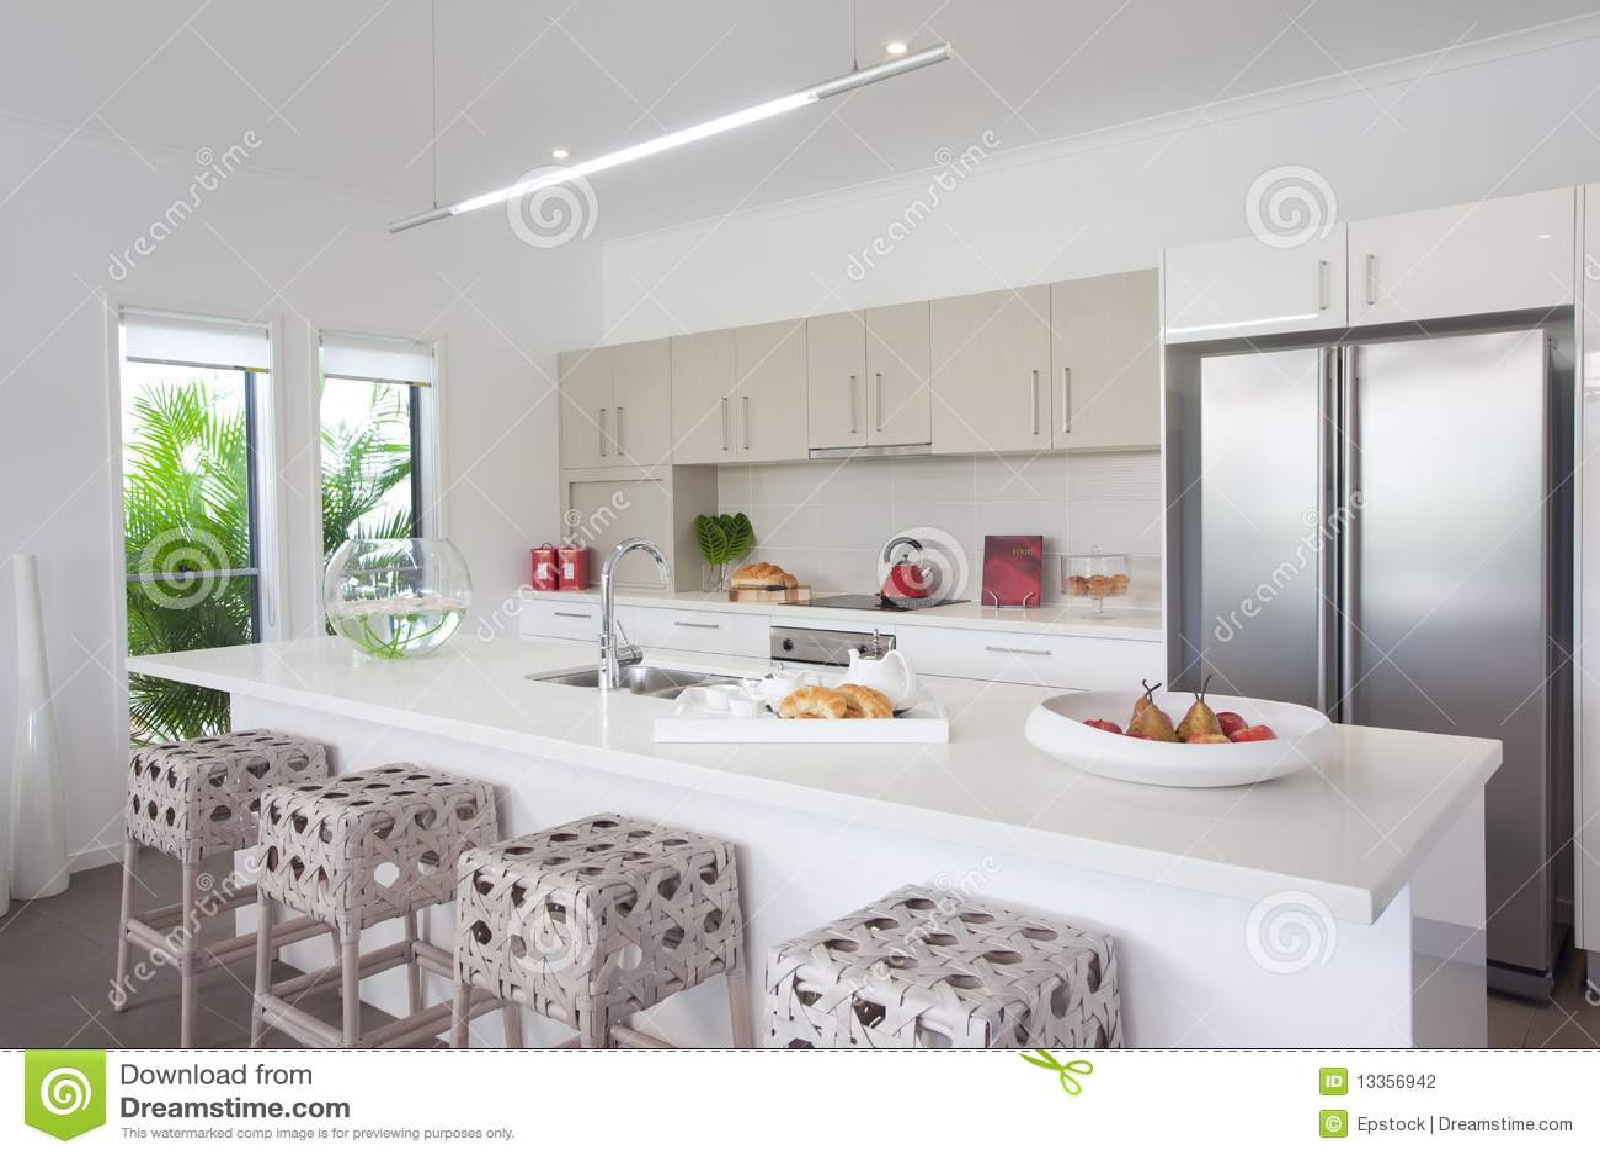 Keuken in nieuw modern huis in de stad stock fotografie afbeelding 13356942 - De moderne keukens ...